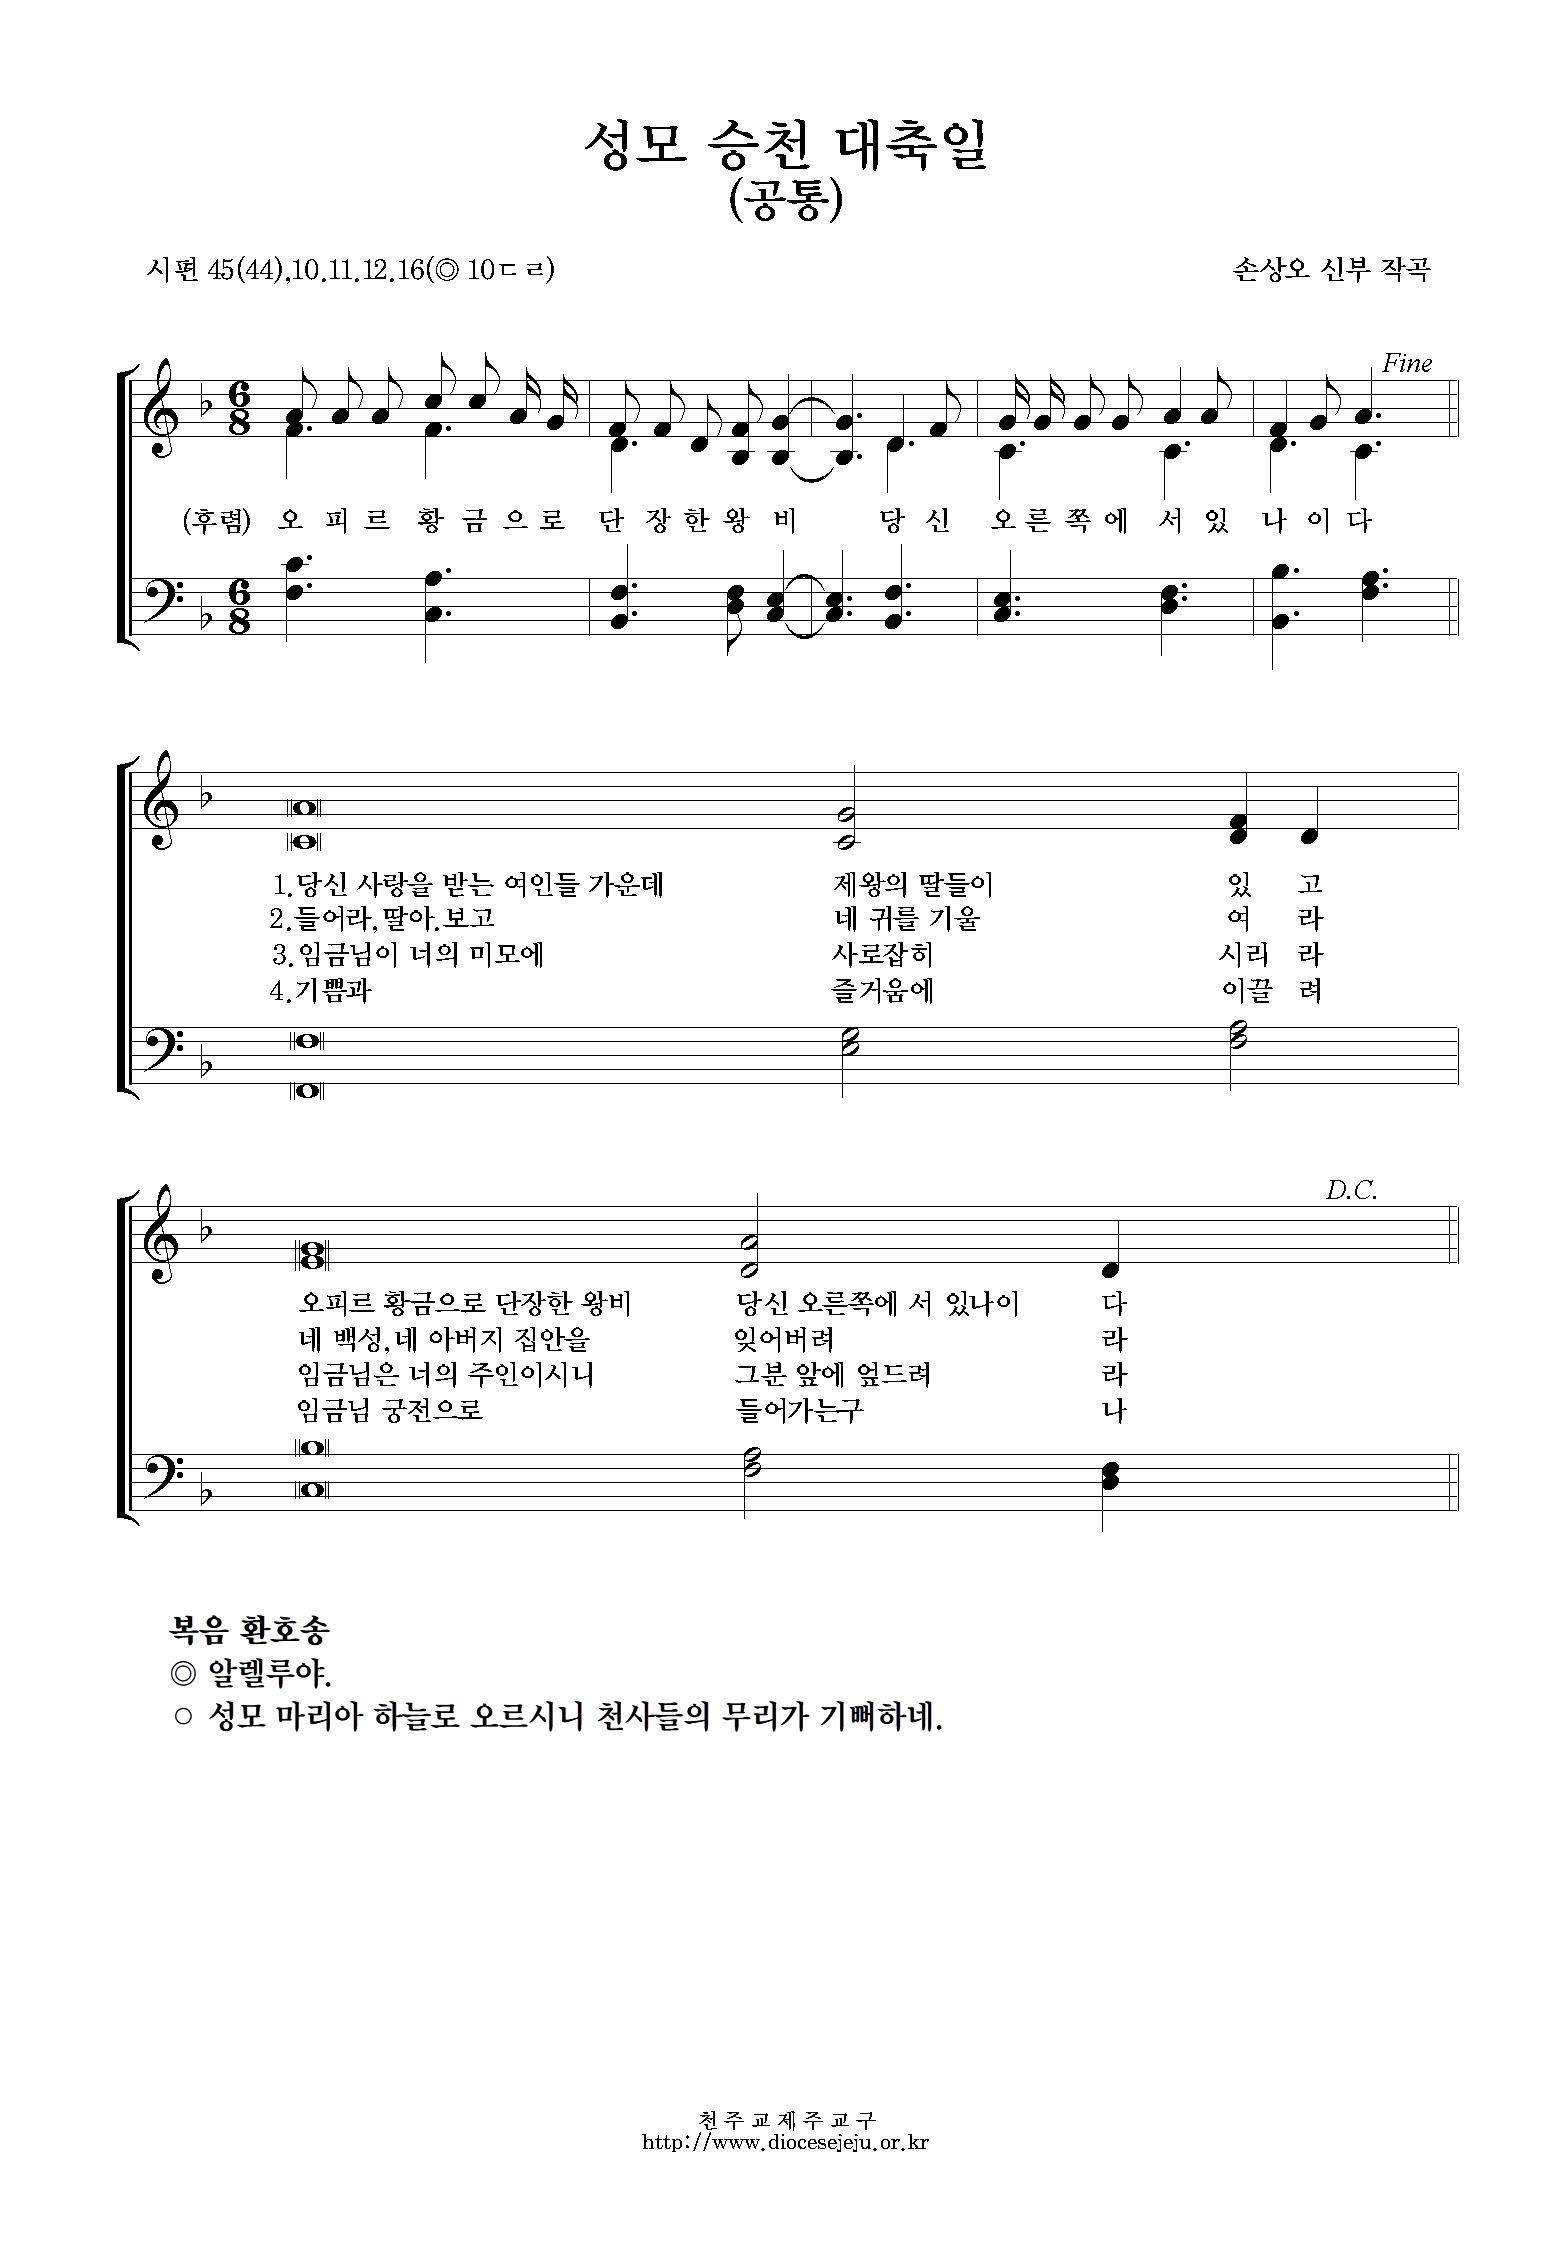 20190815-성모승천대축일(공통).jpg